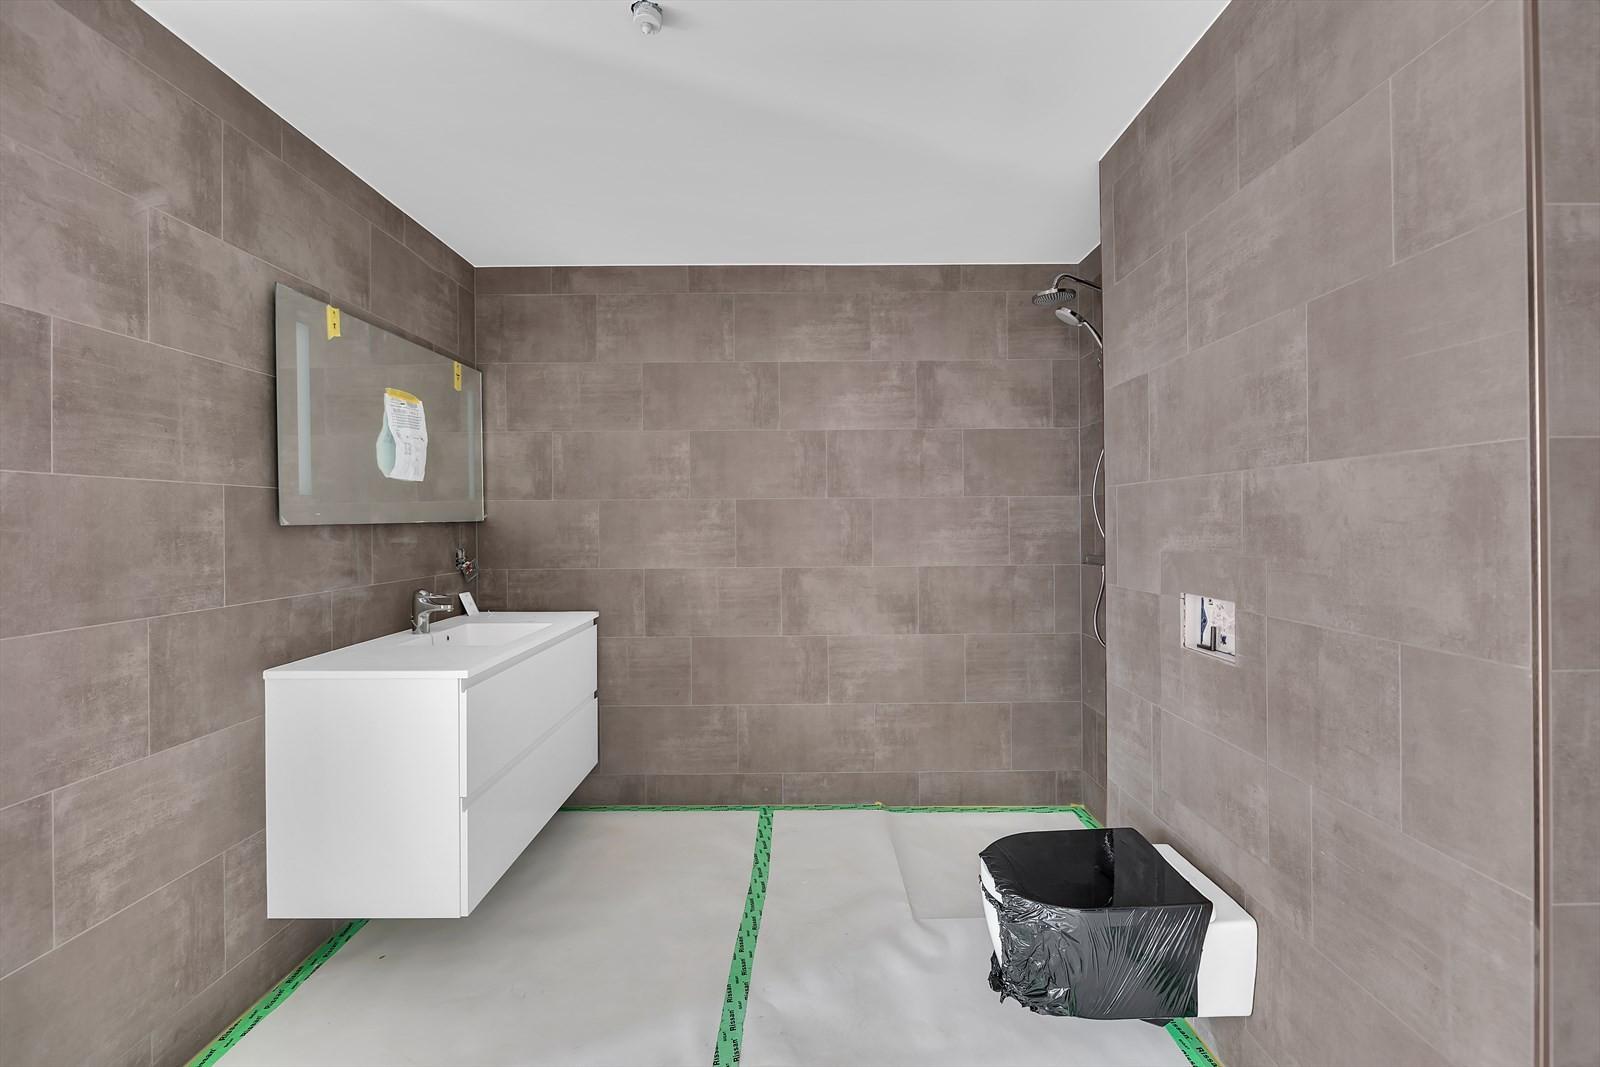 Baderom med delikate fliser, vegghengt toalett, vask med hvitt underskap, speil med lys, dusj med sammen foldbare glassdører. Veggfliser i 60*60, gulvfliser, Gulvfliser i 60*60, i dusjnisje fliser i 10*10